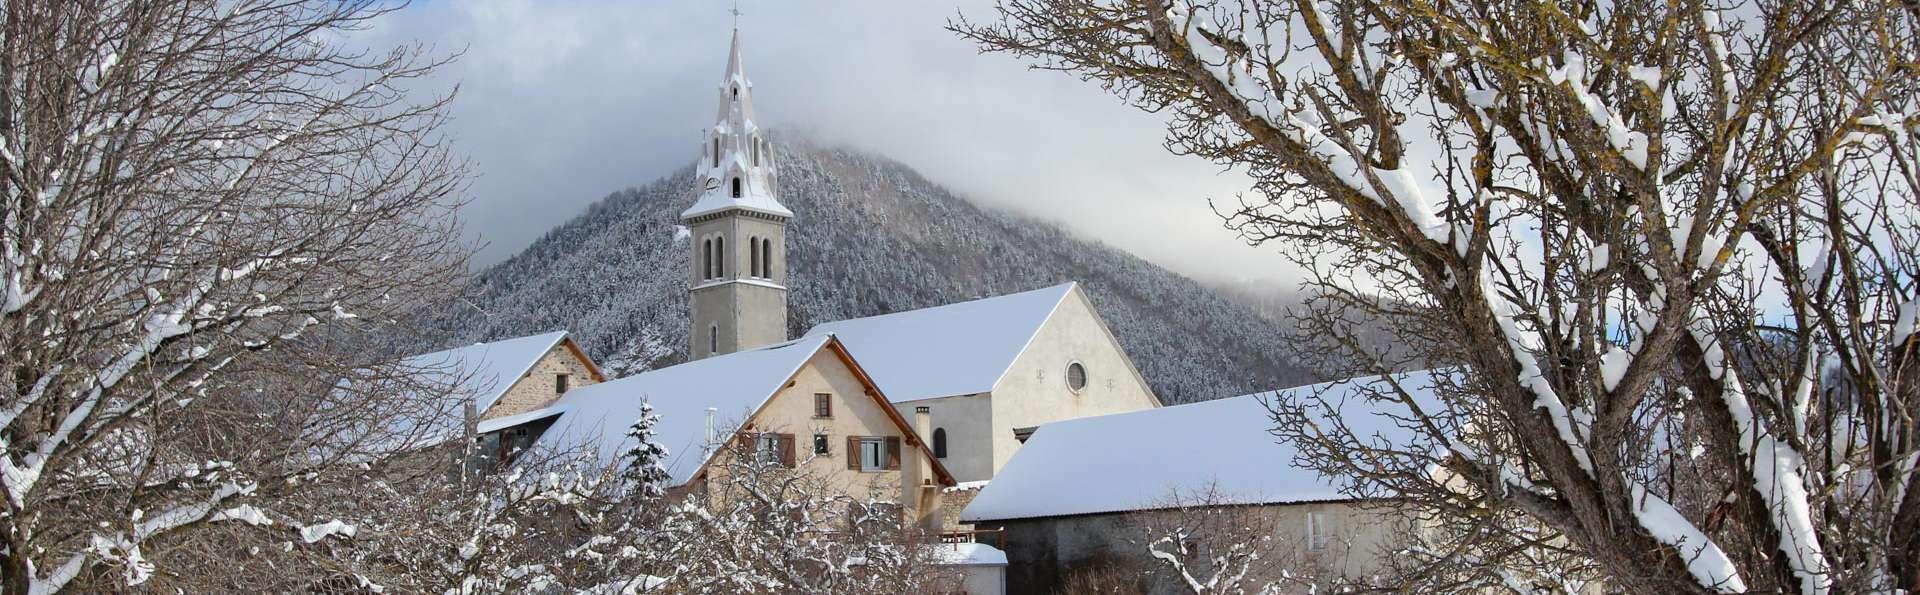 Week-end de charme au coeur des montagnes, dans les Hautes Alpes